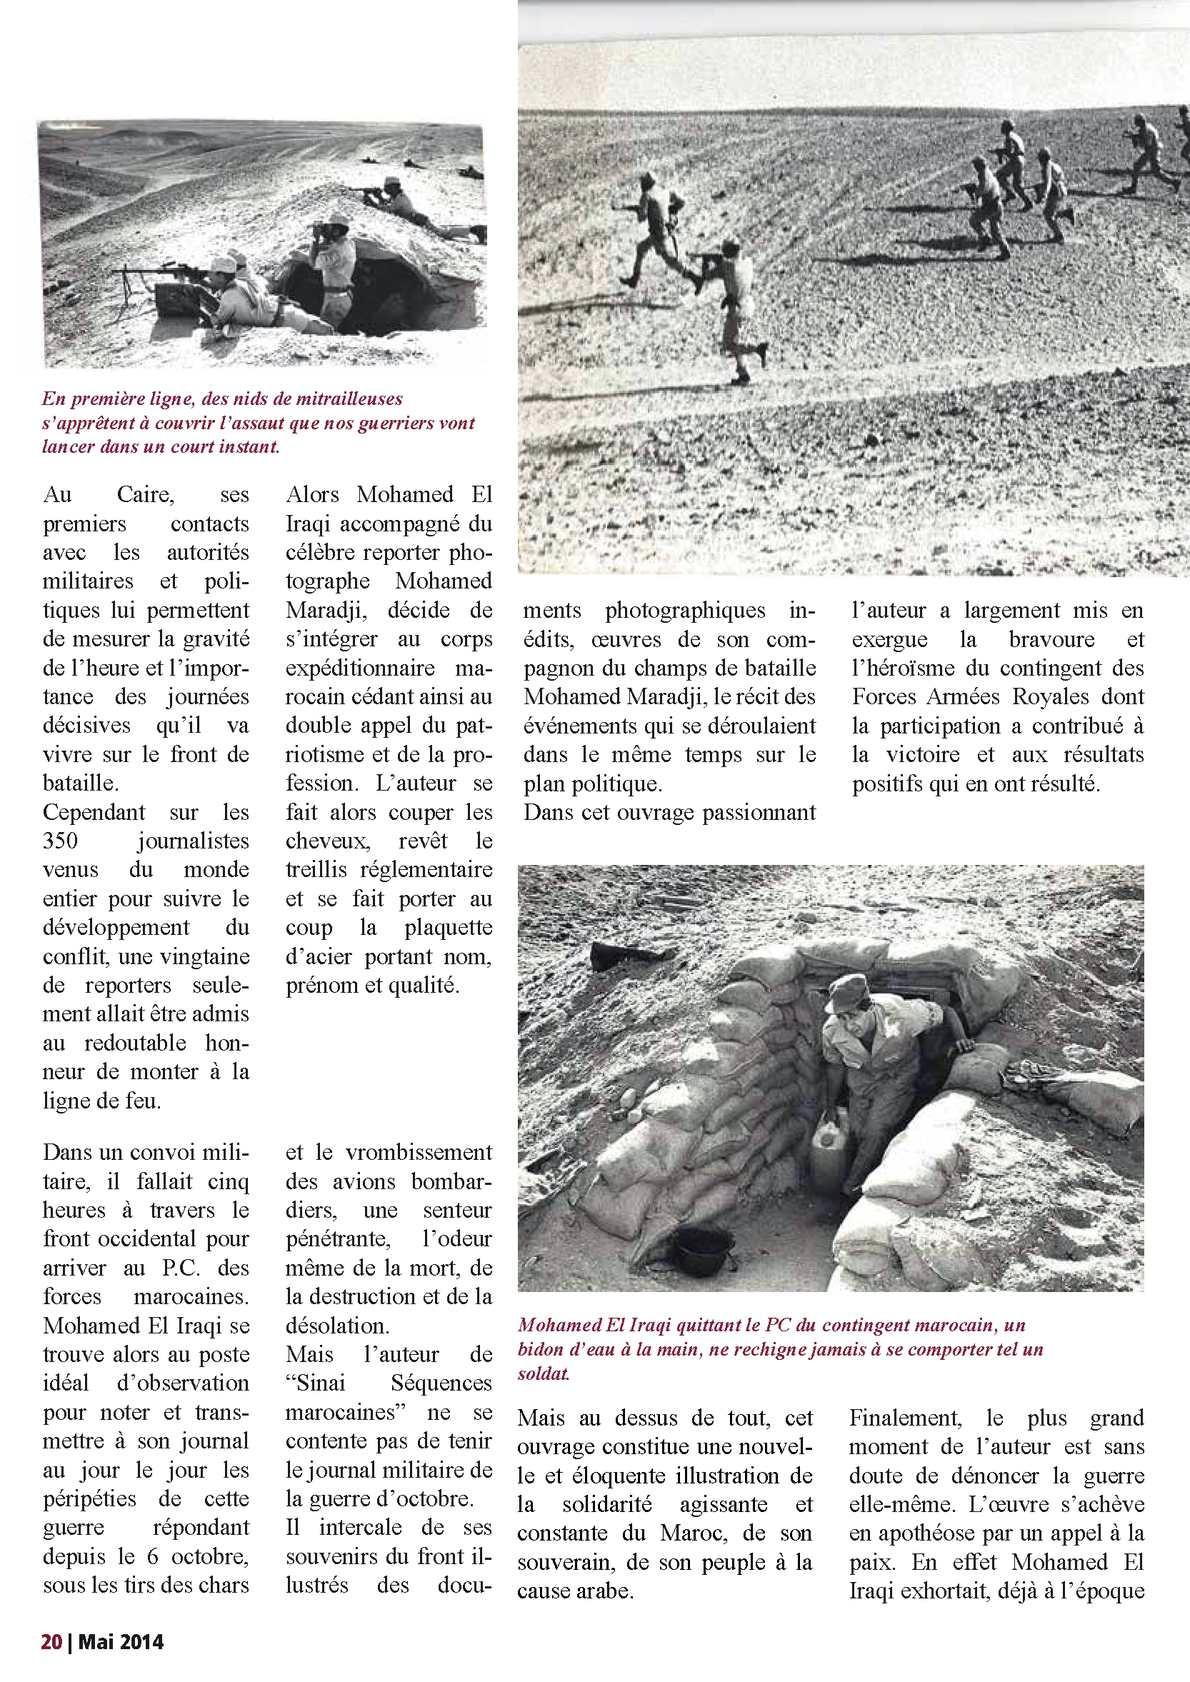 les FAR dans la Guerre d'octobre 1973 - Page 2 35363587554_3c89b740b5_o